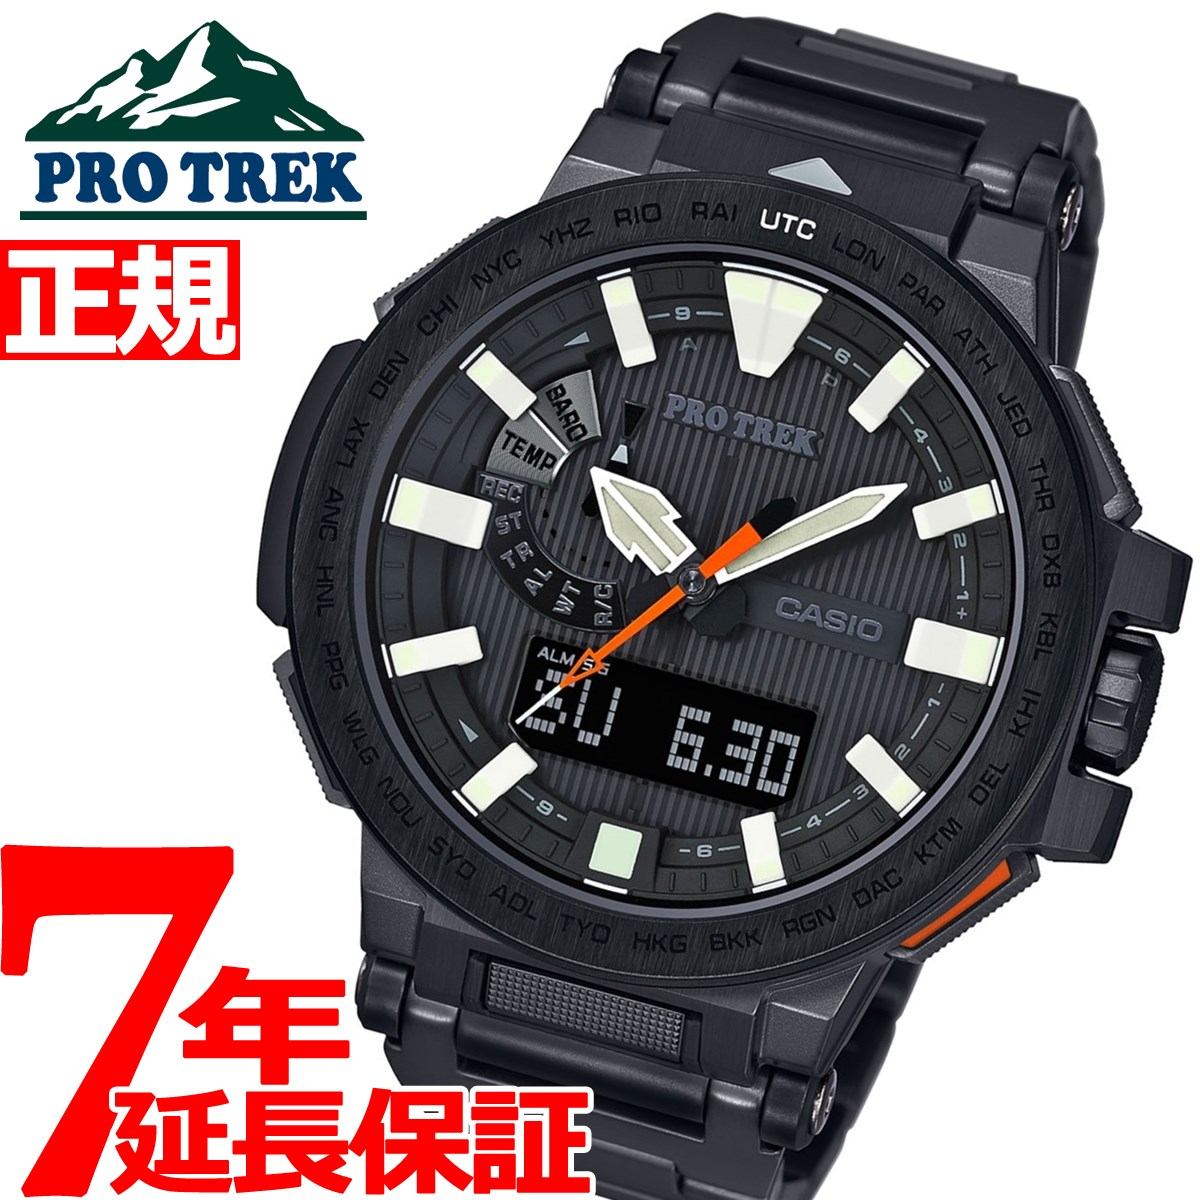 カシオ プロトレック マナスル CASIO PRO TREK MANASLU 電波 ソーラー 電波時計 腕時計 メンズ アナデジ タフソーラー PRX-8000YT-1JF